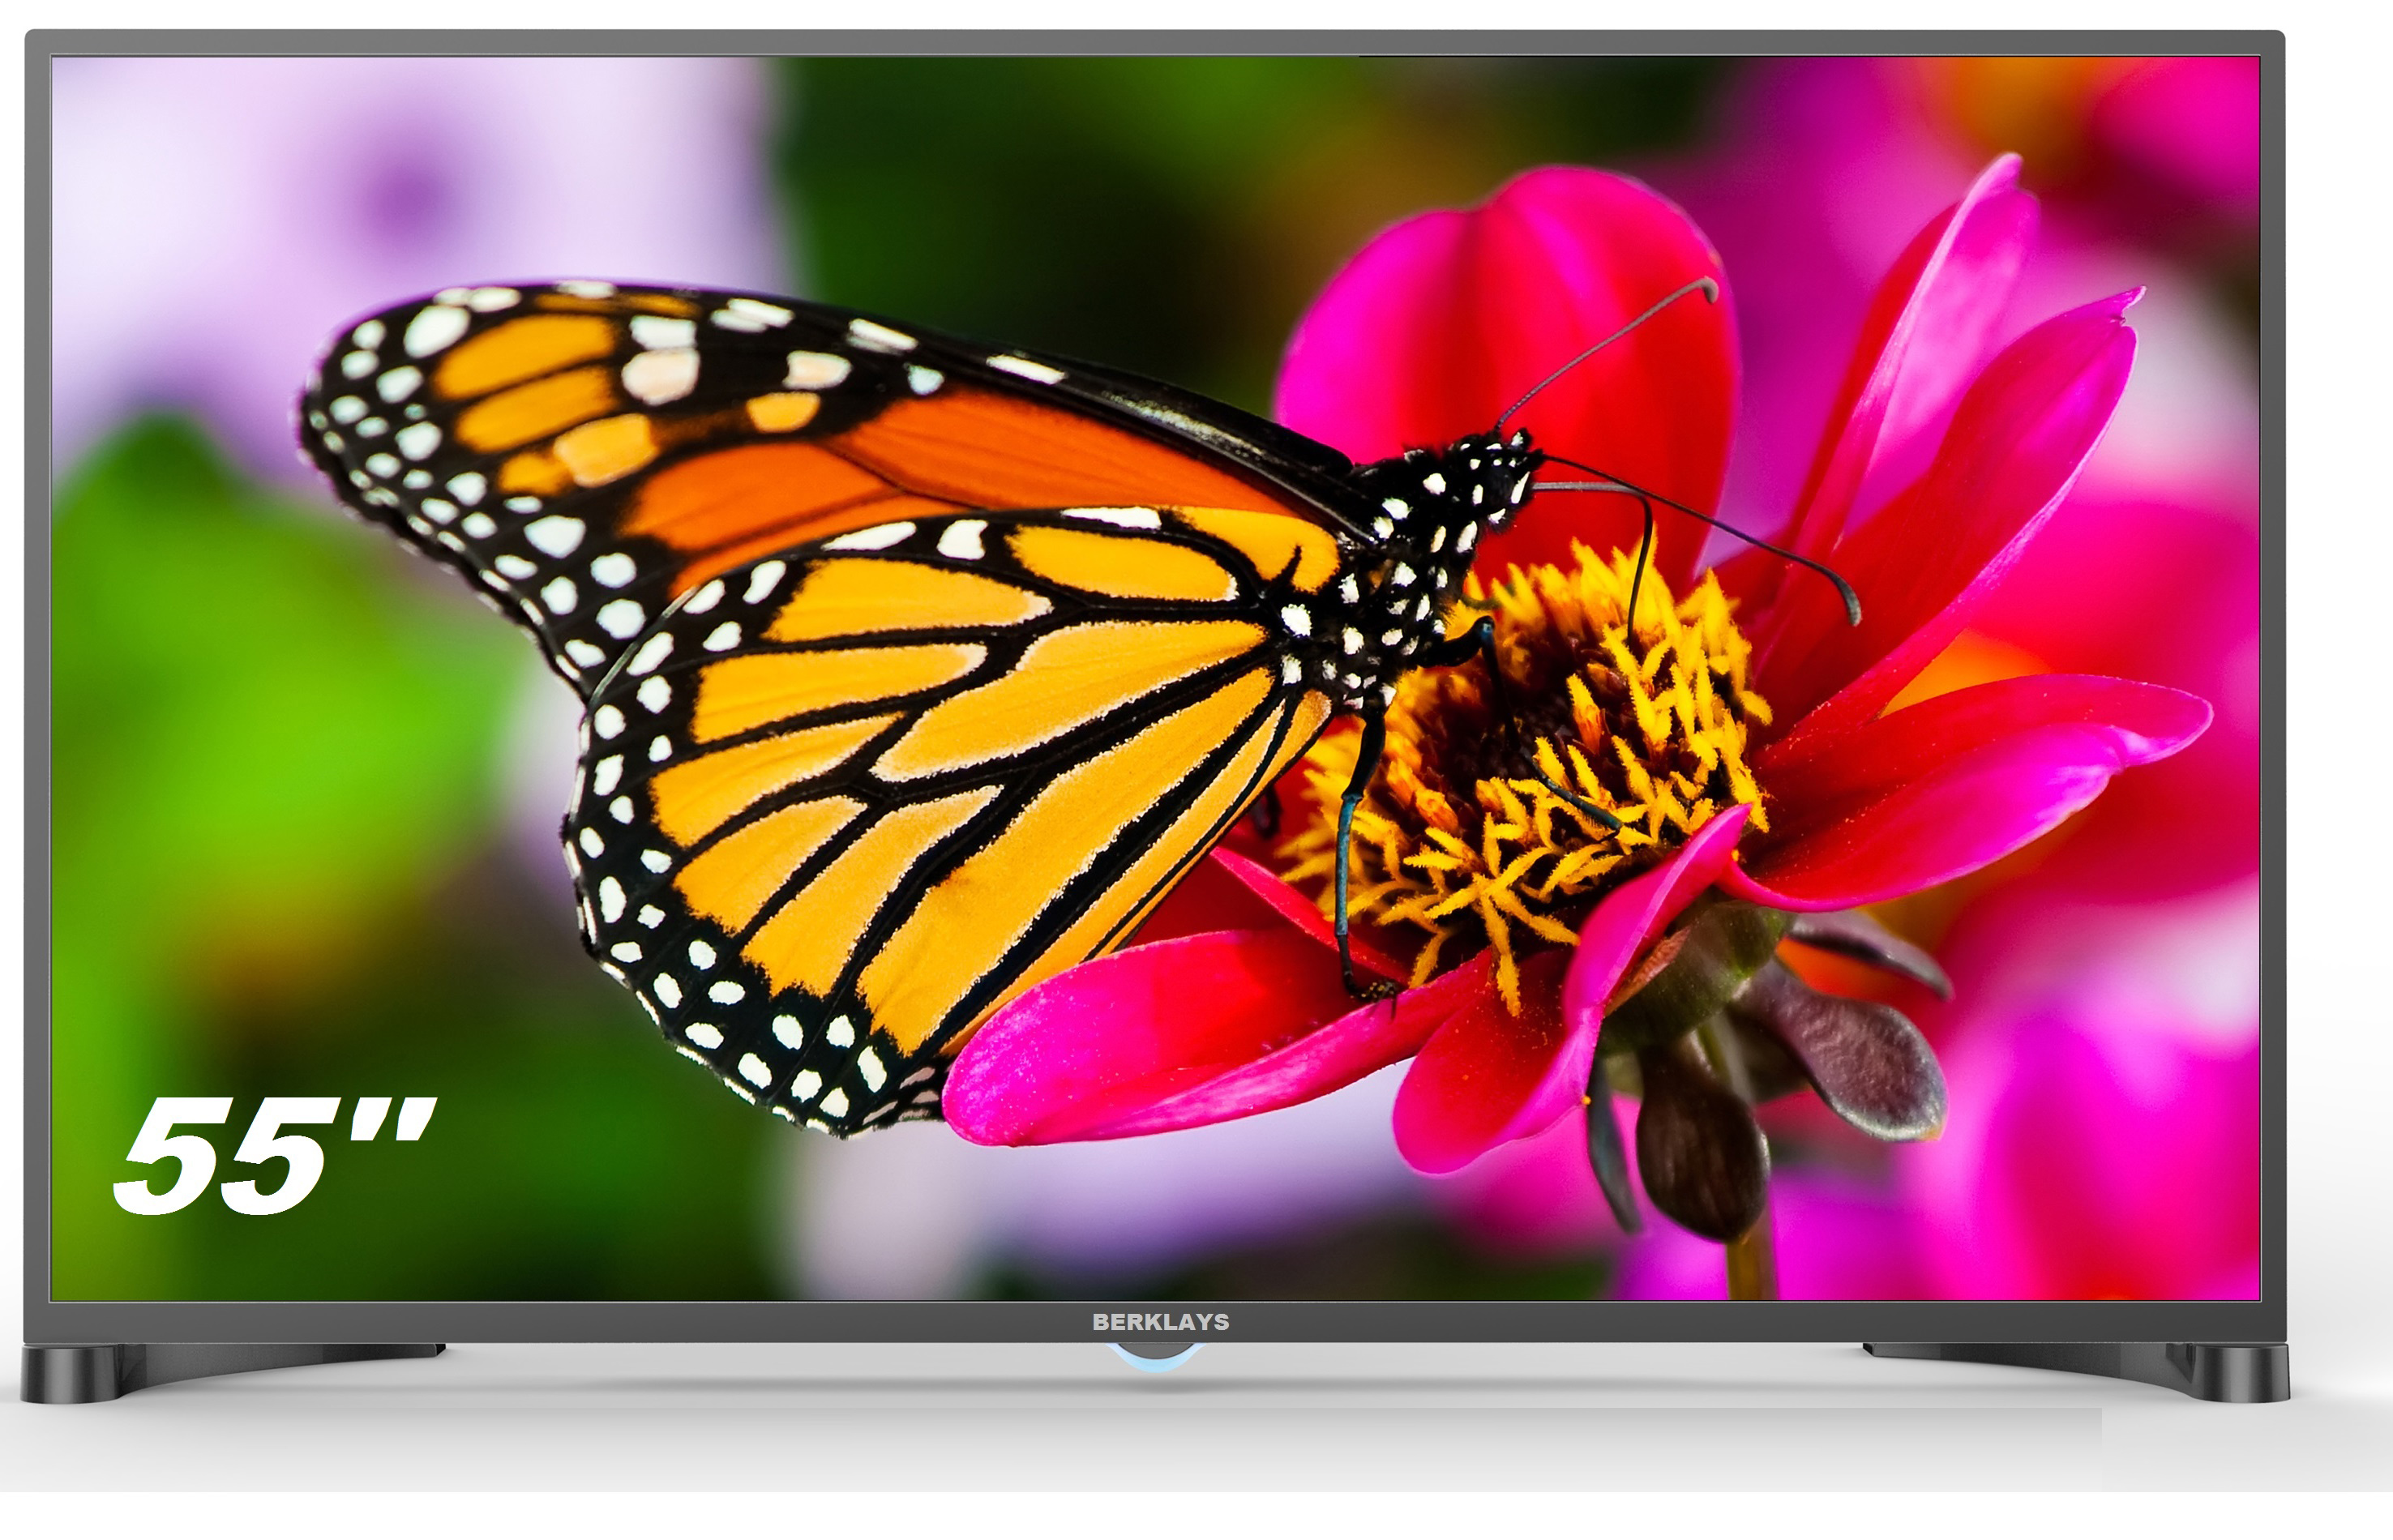 tv led smart fhd ou uhd 4k berklays. Black Bedroom Furniture Sets. Home Design Ideas